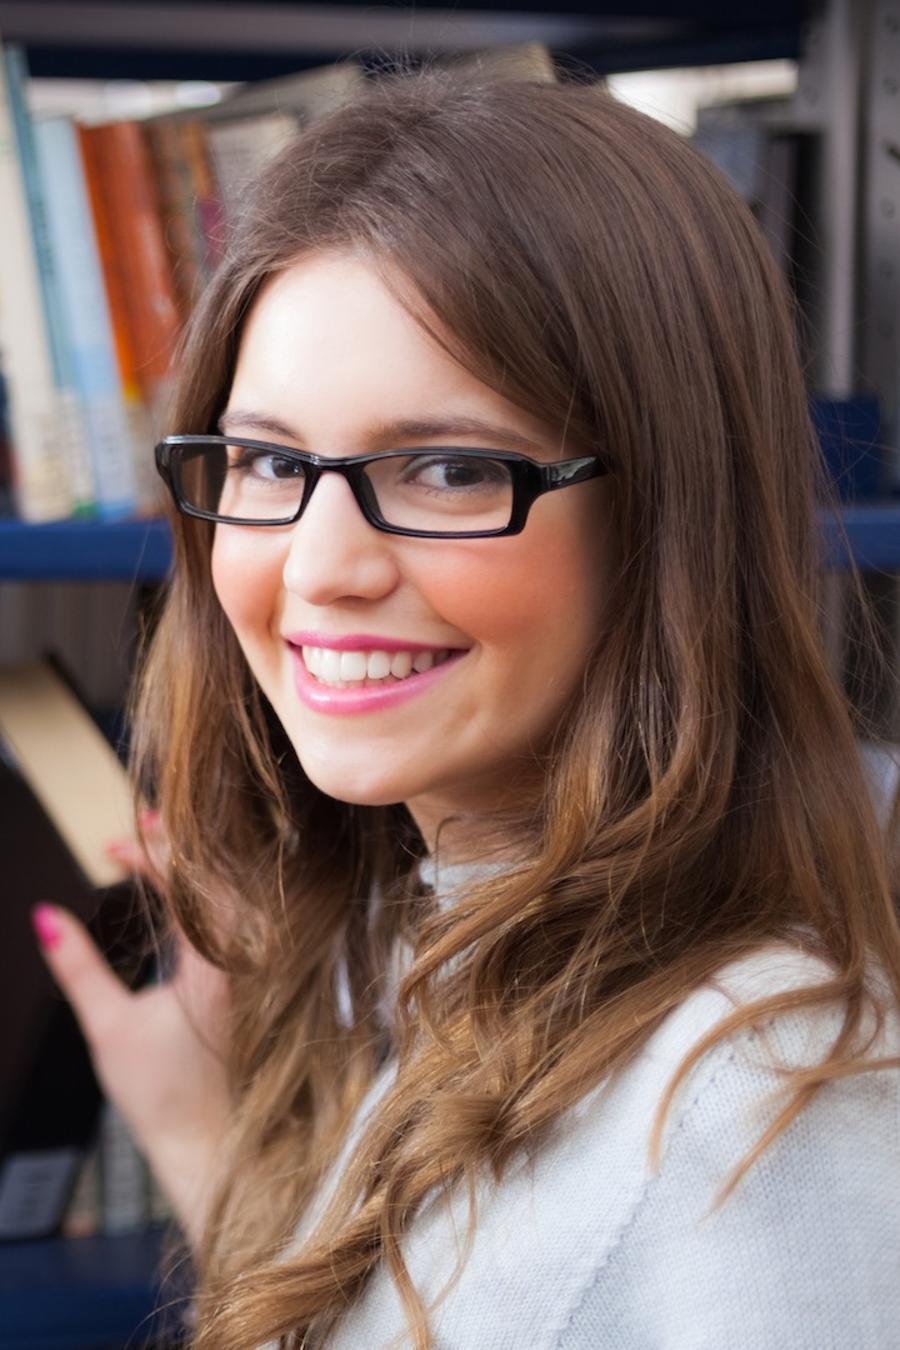 Chica tomando un libro en la biblioteca